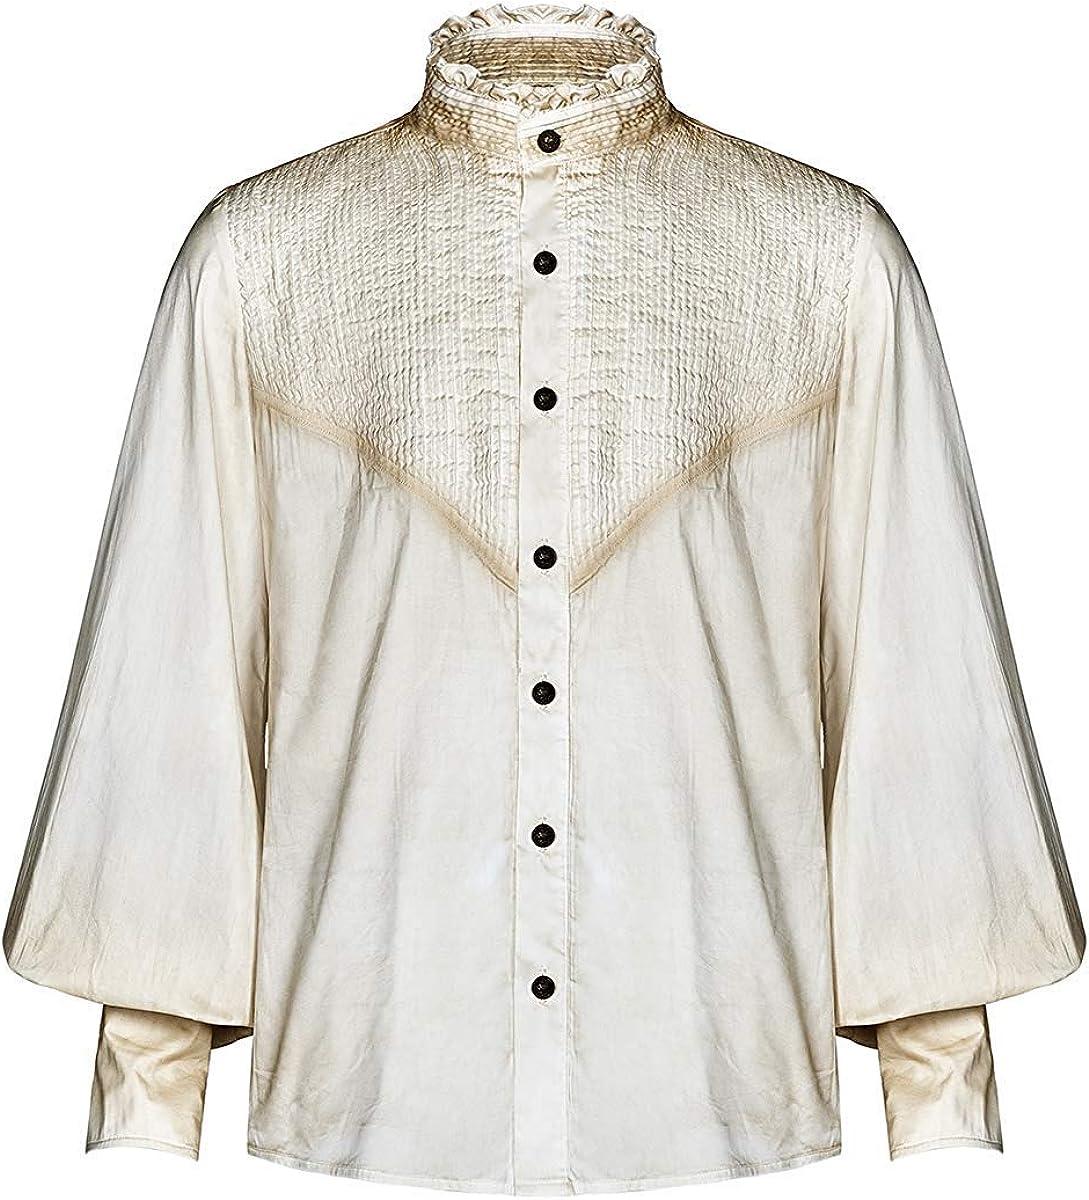 Punk Rave Hombre Steampunk Poeta Camisa Top Vintage Blanco Roto Plisado Gótico Victoriano: Amazon.es: Ropa y accesorios